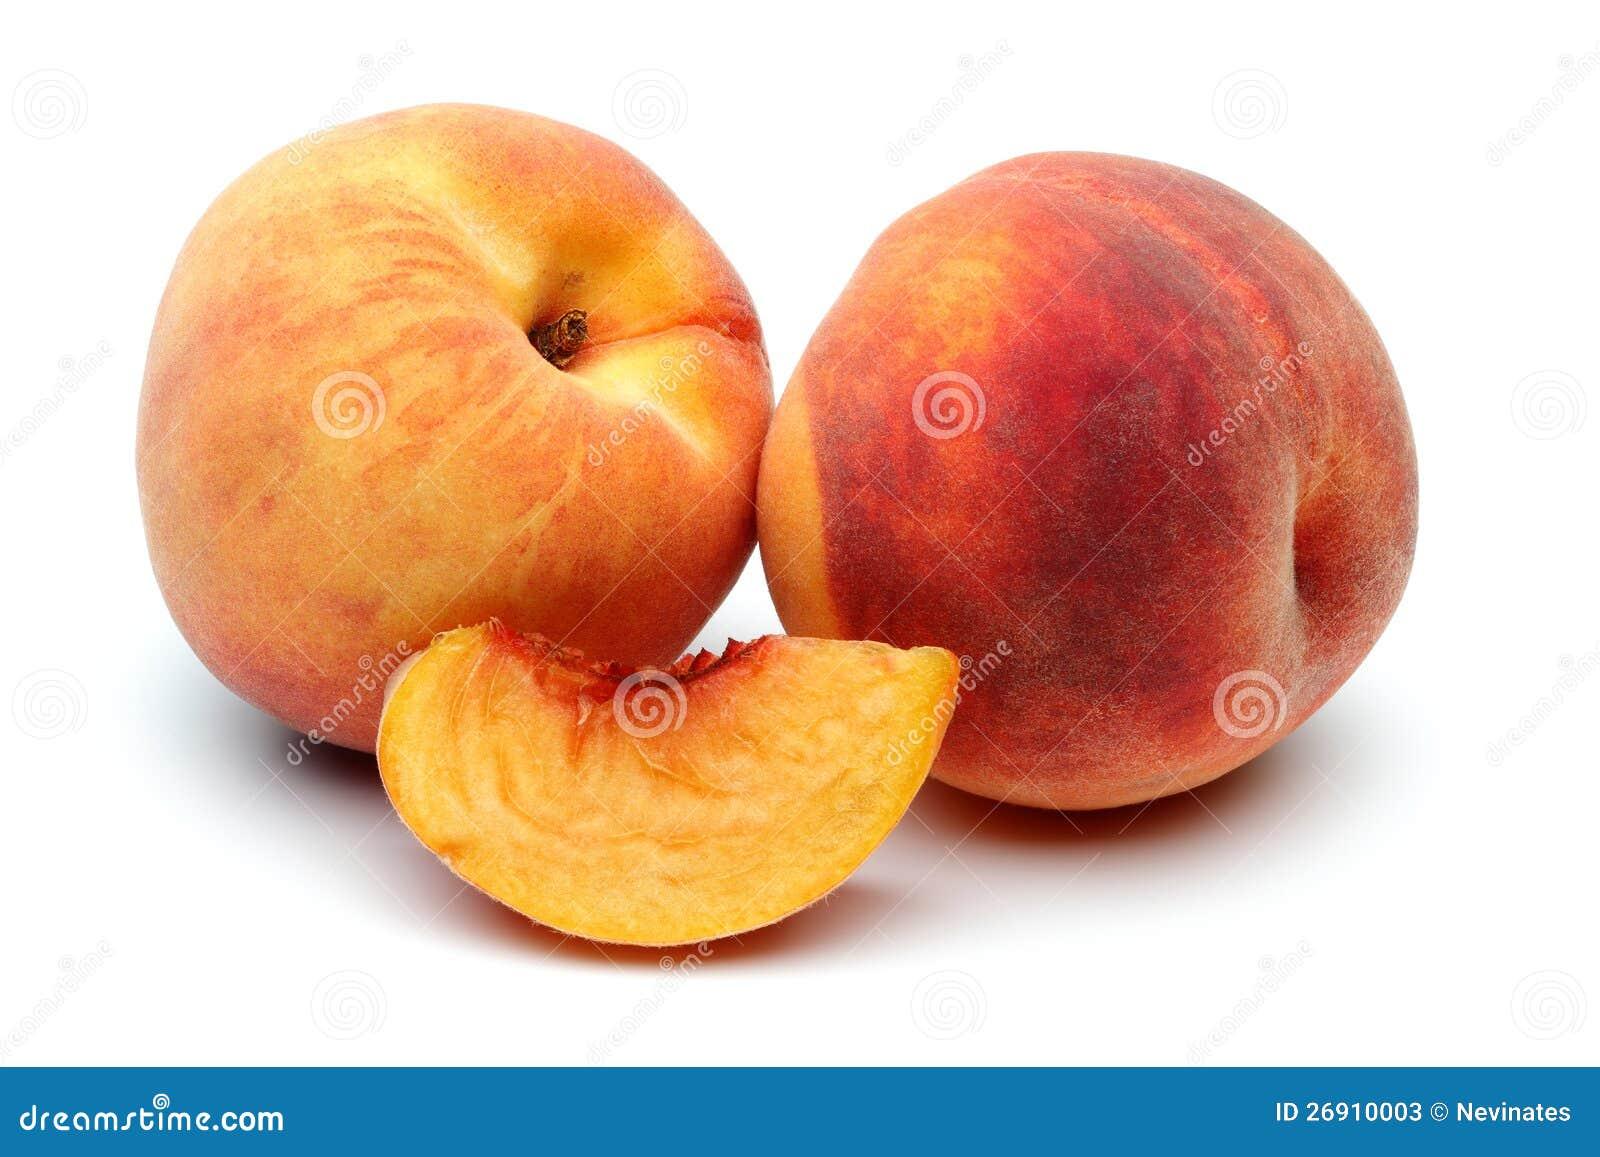 Персик 2 и отрезанный персик